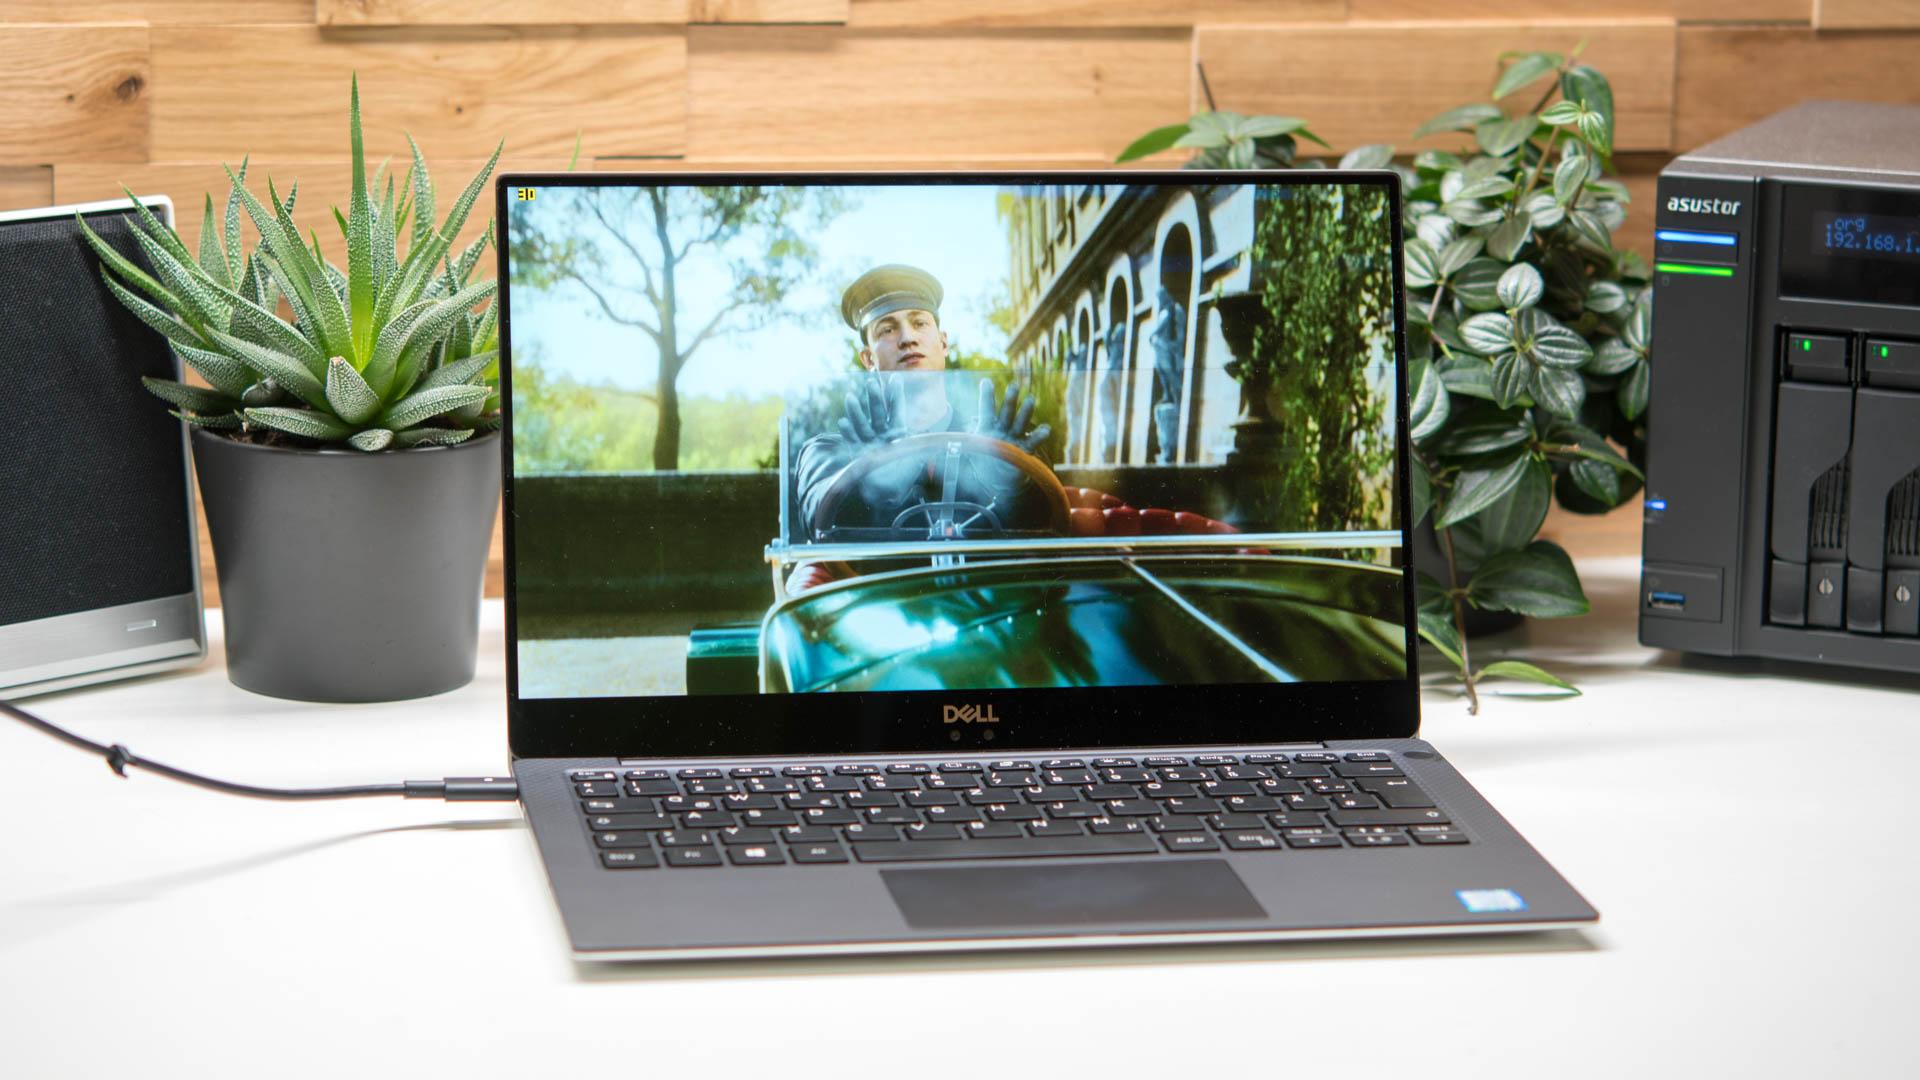 Nicht Ganz Flüssig Pc Problem My Own Email - Minecraft flussig spielen laptop